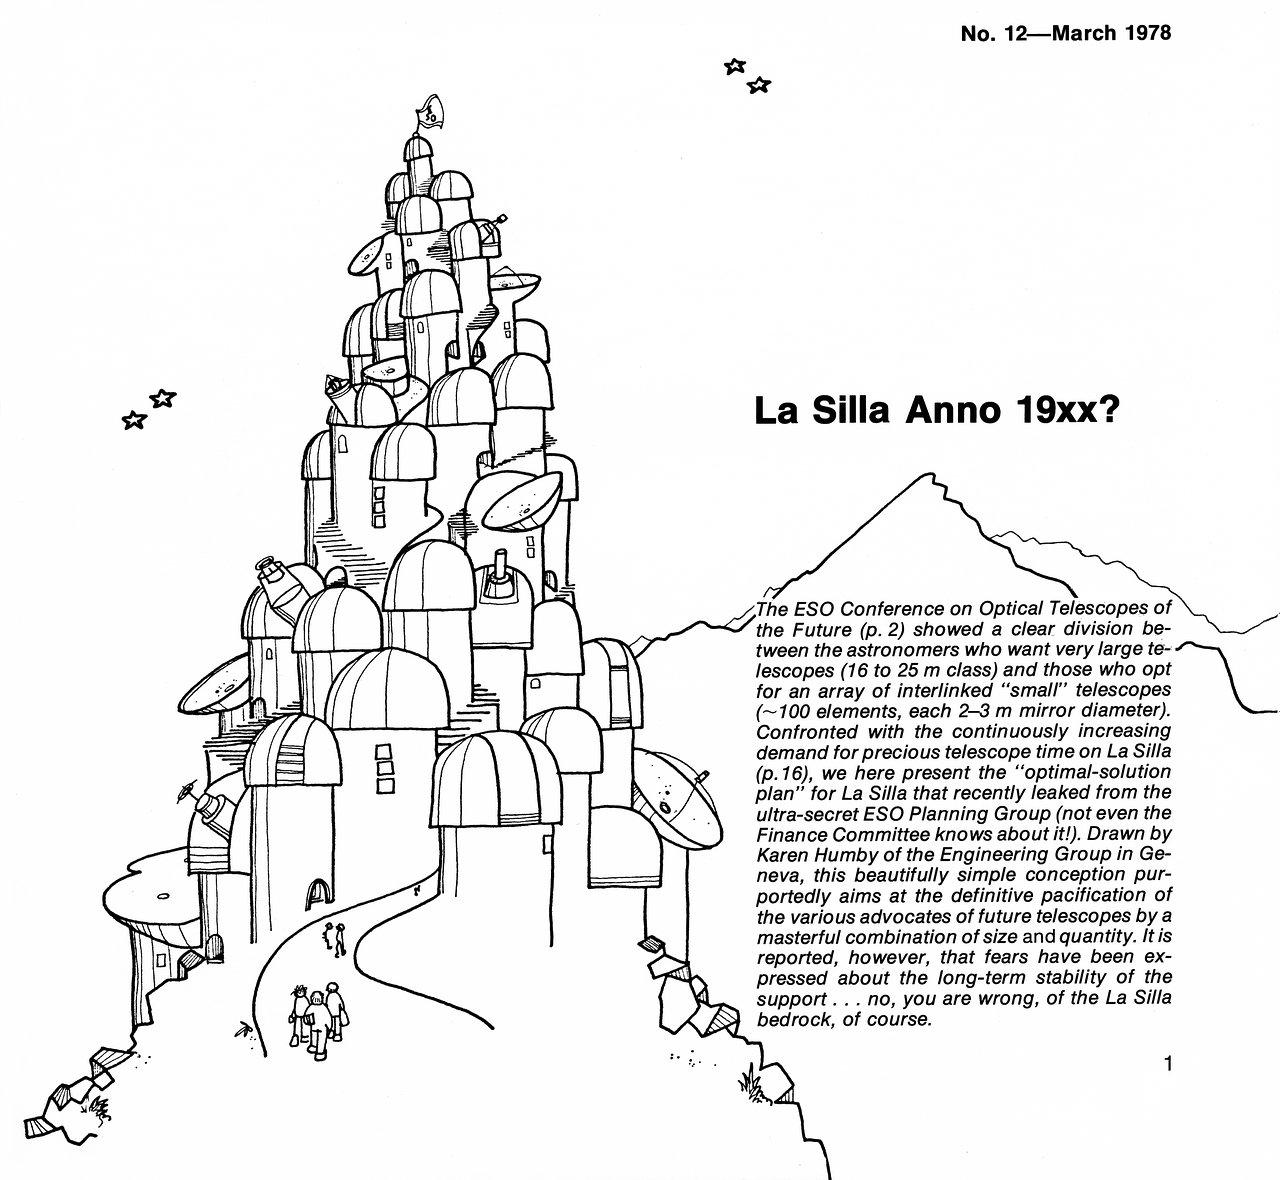 La Silla of the future...?